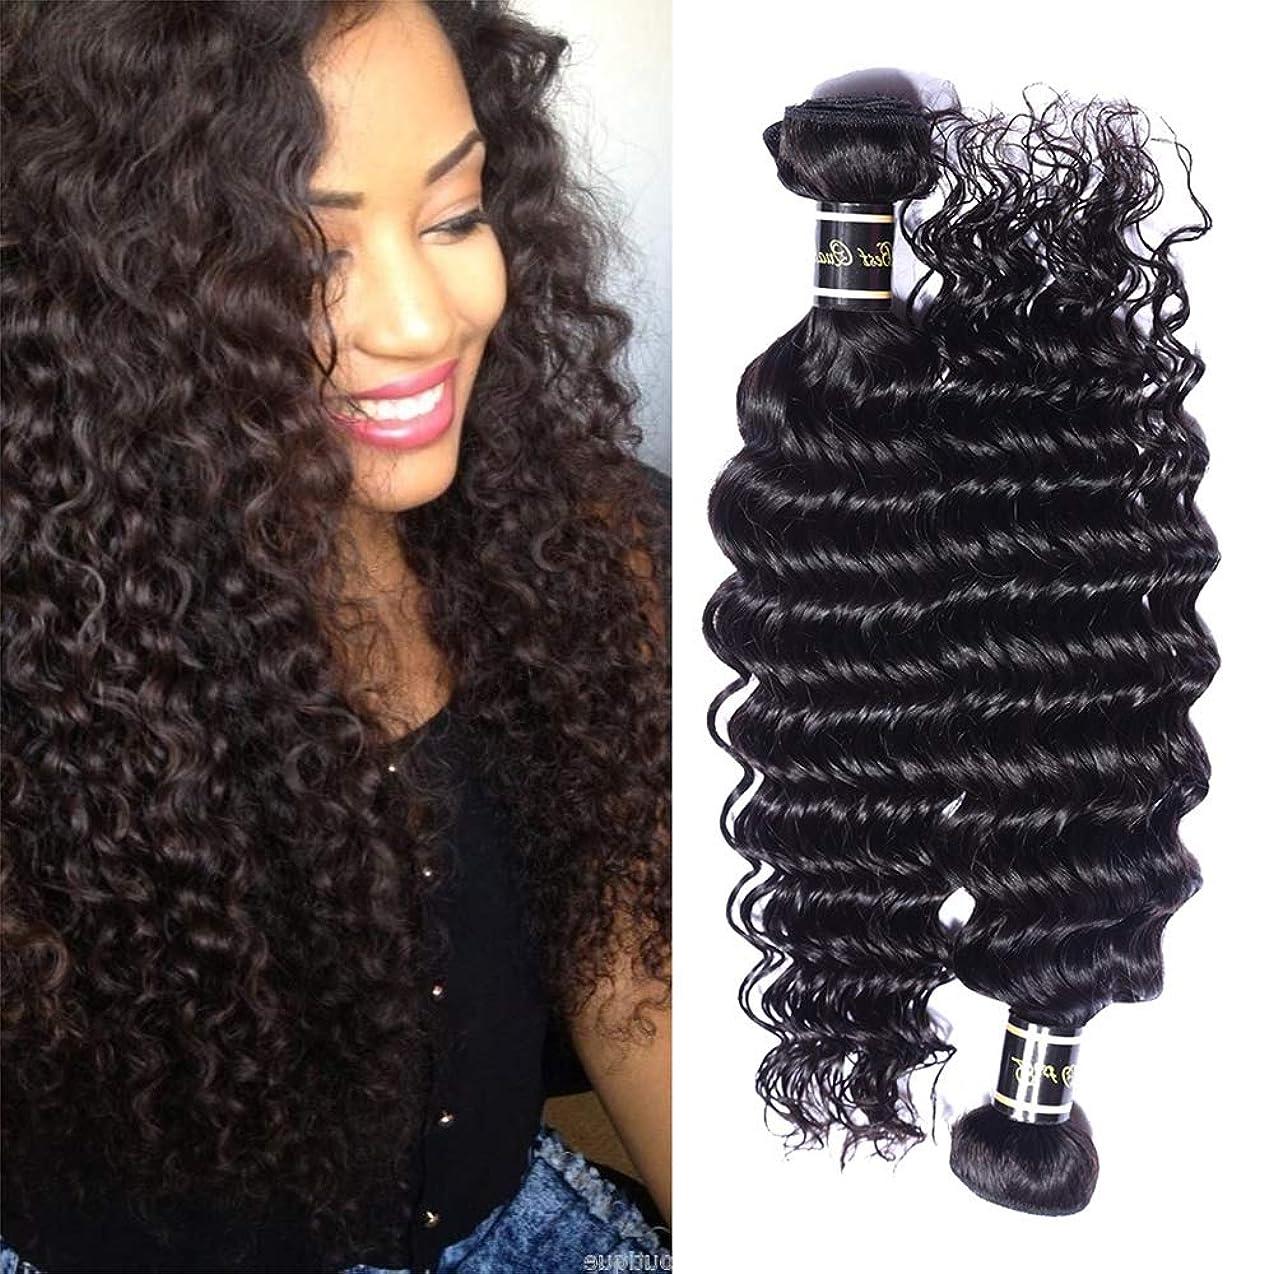 前投薬肯定的ちっちゃい女性の髪織りブラジルのロングボディウェーブヘアバンドル波状ヘアエクステンション縫う100%人毛織り100g /バンドル